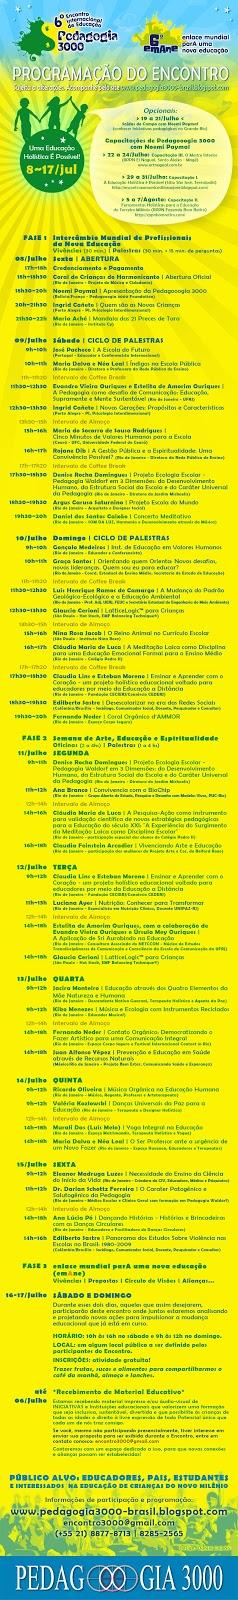 6º Encontro Internacional de Educação  Pedagogia 3000  RIO DE JANEIRO   6º Encontro Internacional de Educação  Pedagogia 3000  RIO DE JANEIRO   JULHO/2011  –   Programação